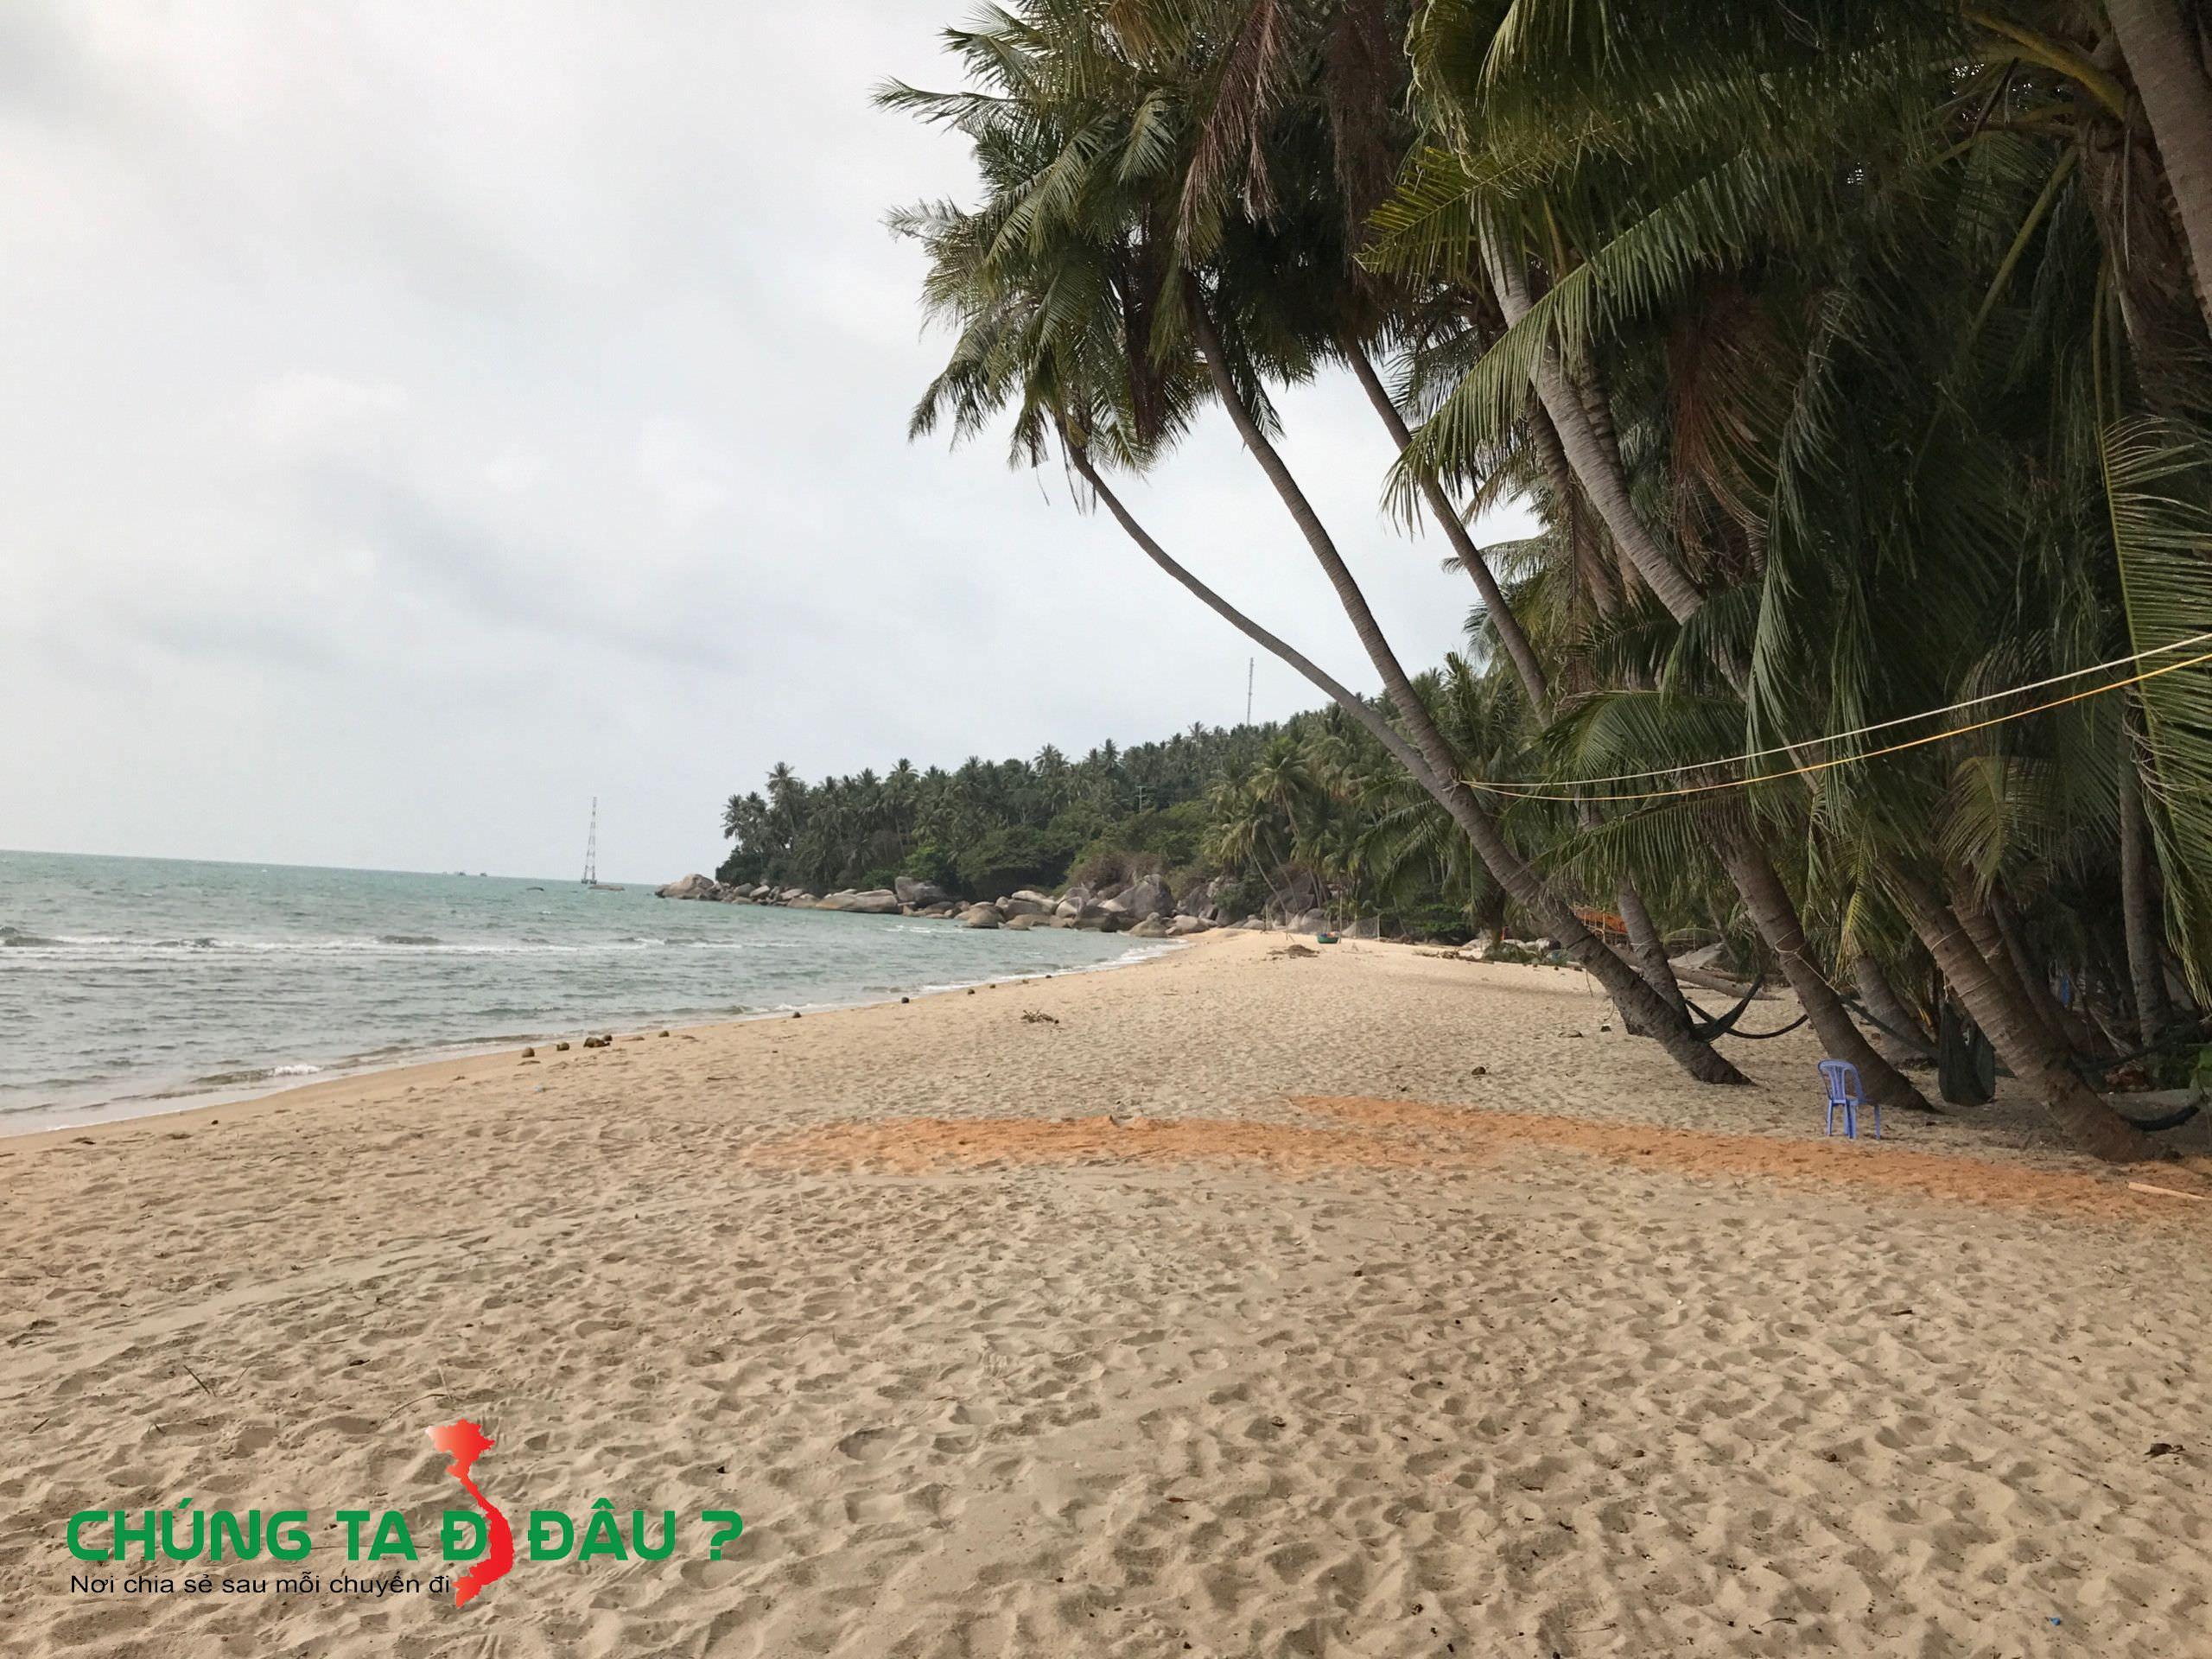 Bãi cái trắng trải dài bên bờ biển với những hàng dừa xanh